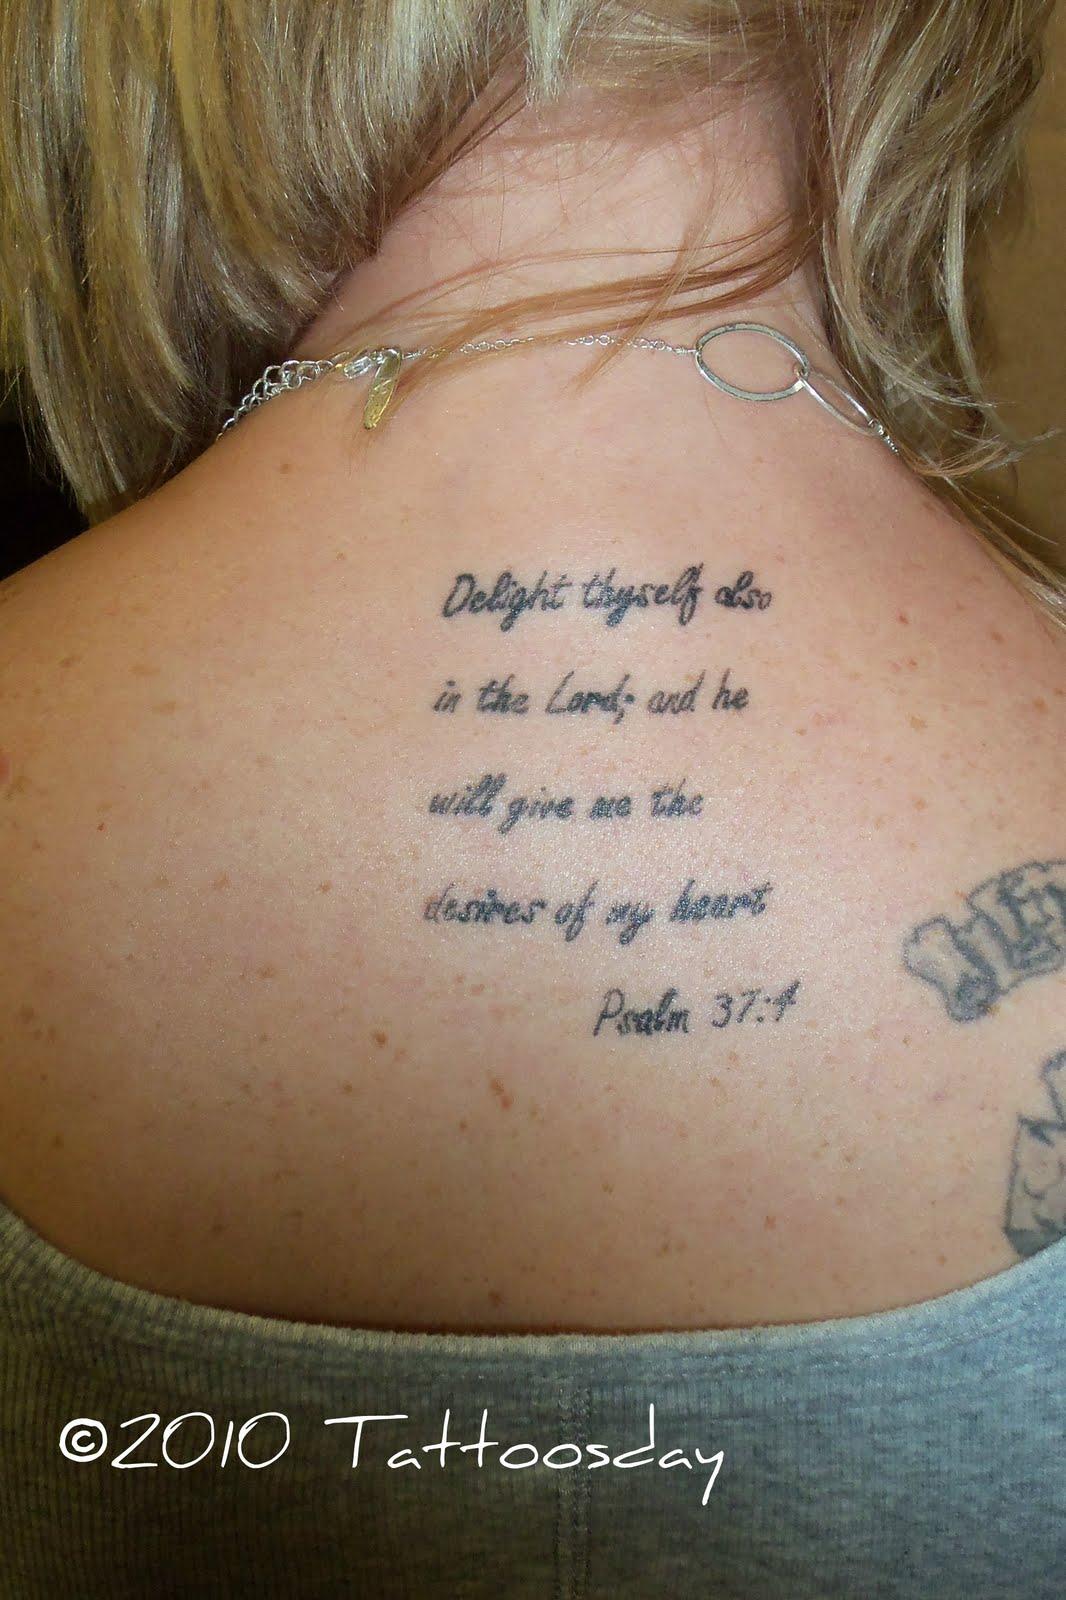 Tattoosday (A Tattoo Blog)